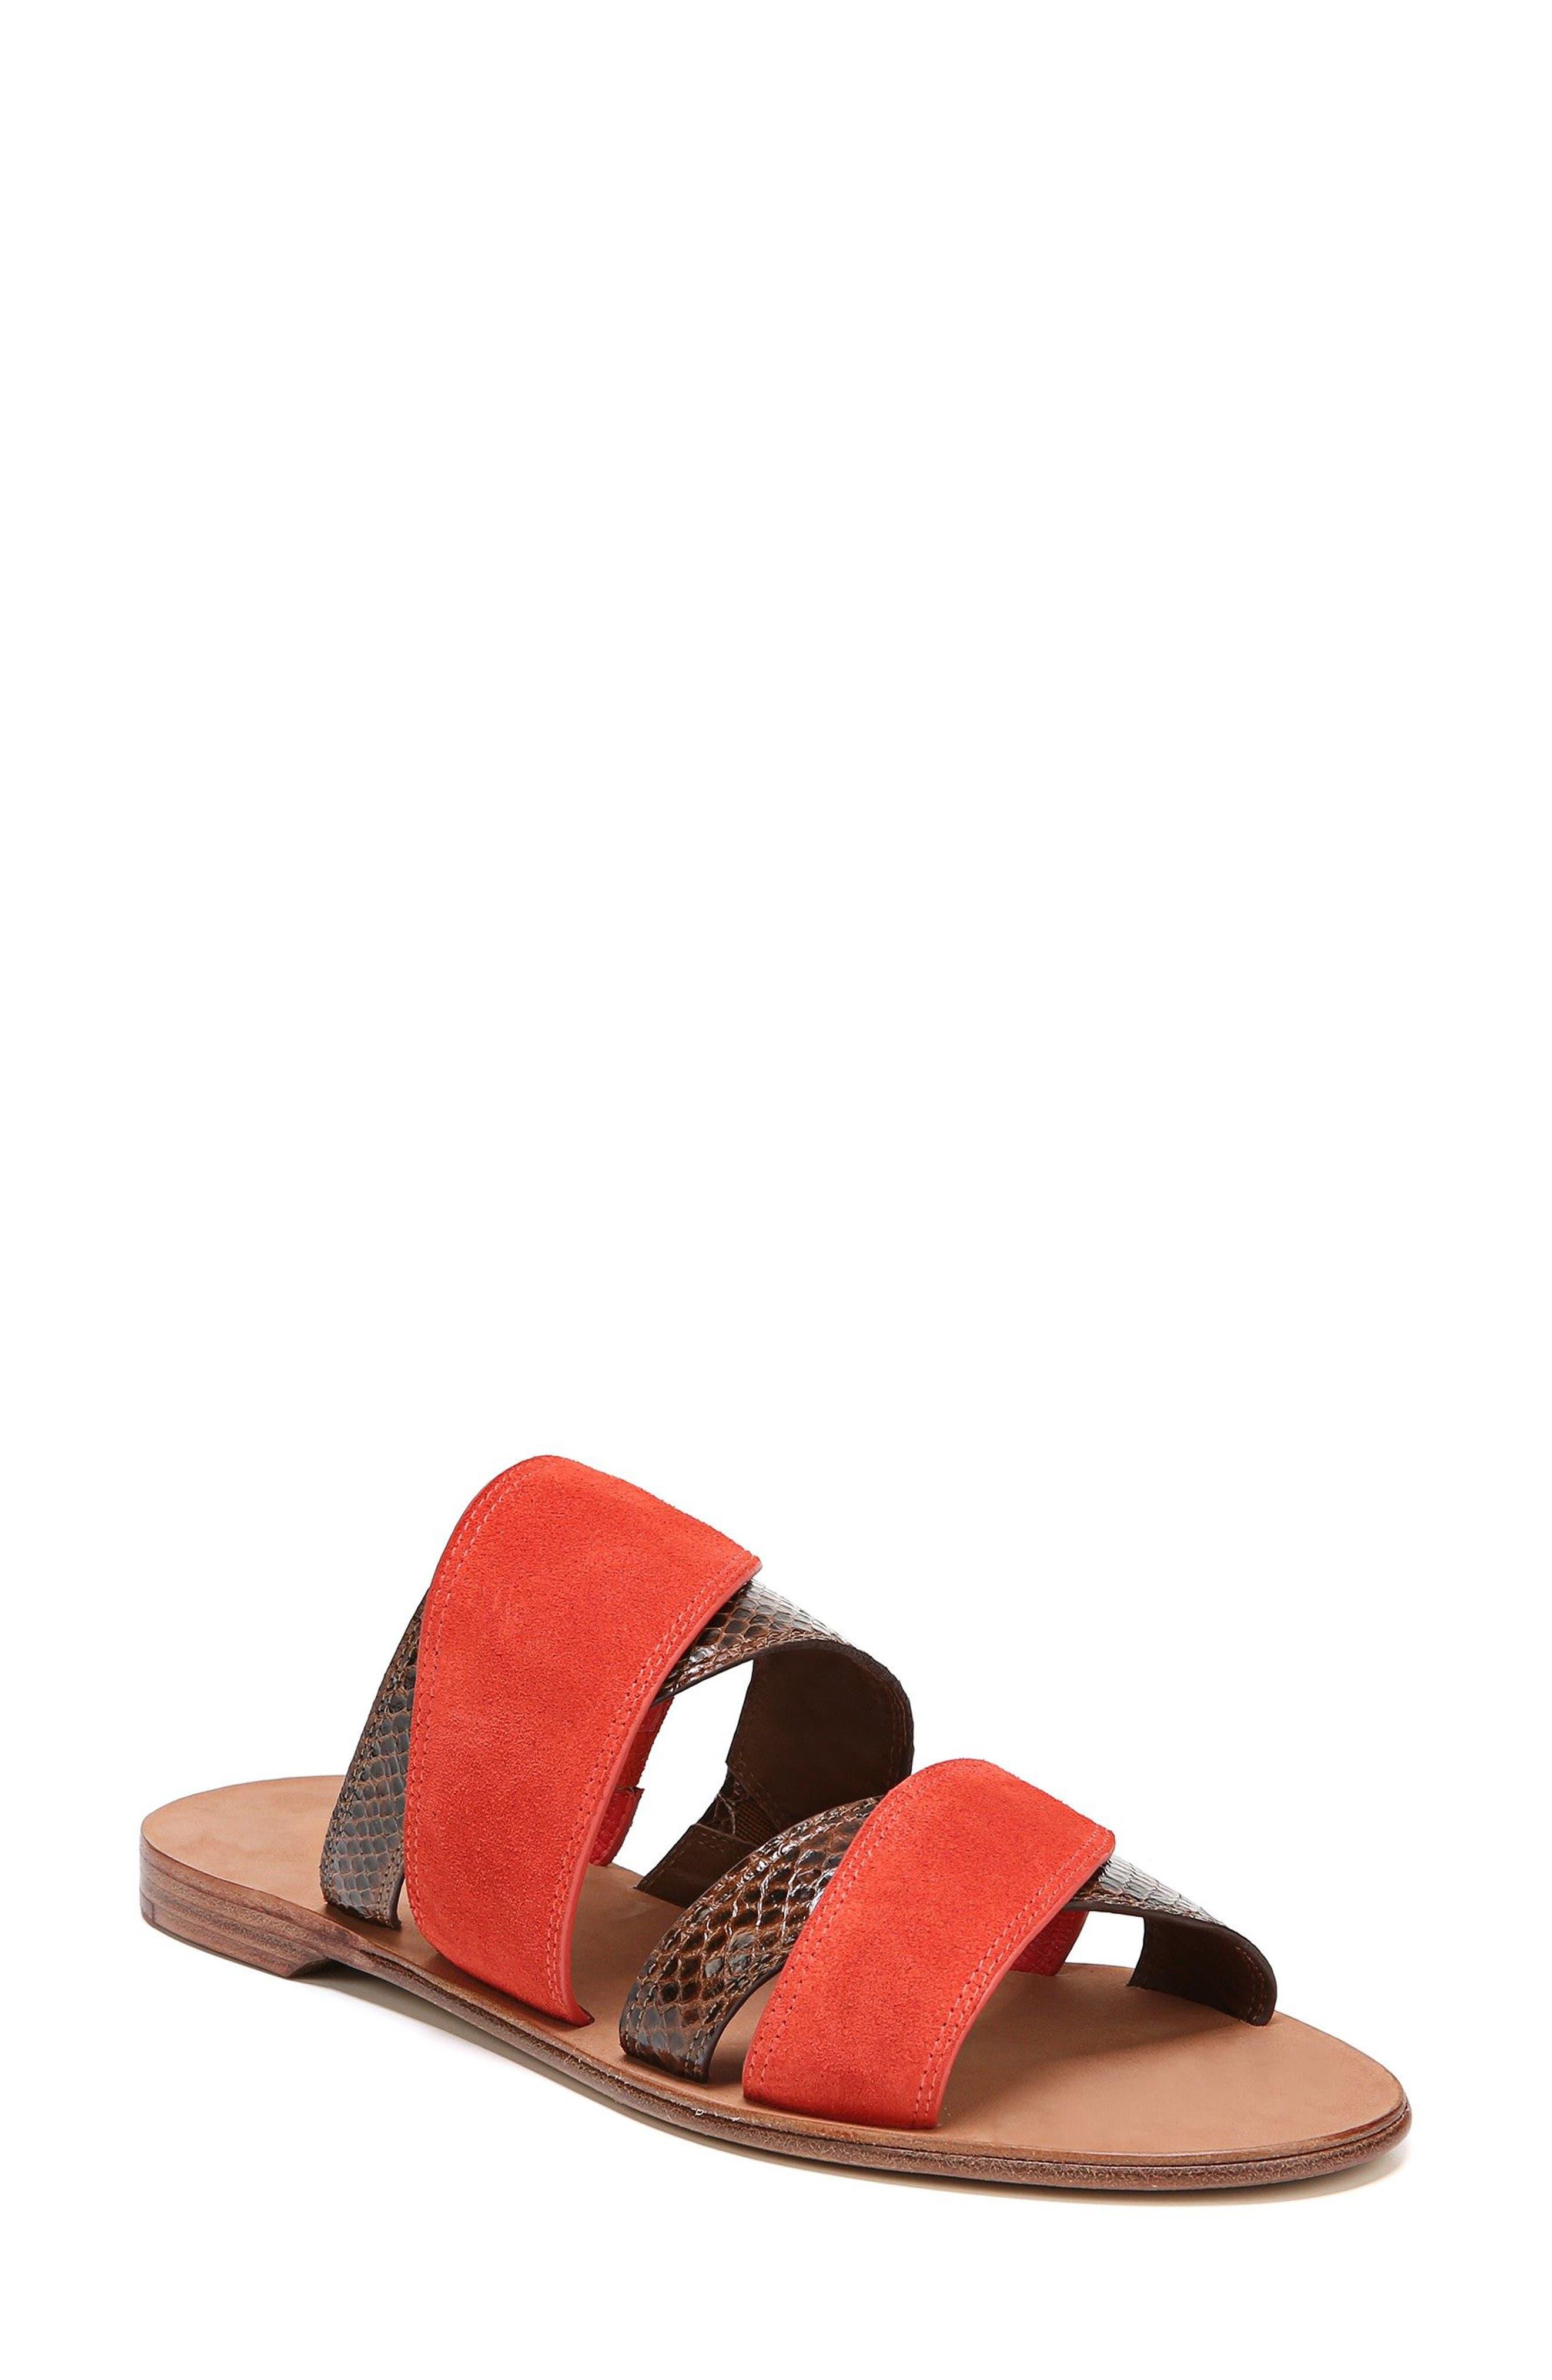 Blake Cross Strap Slide Sandal,                             Main thumbnail 1, color,                             Caramel/ Red